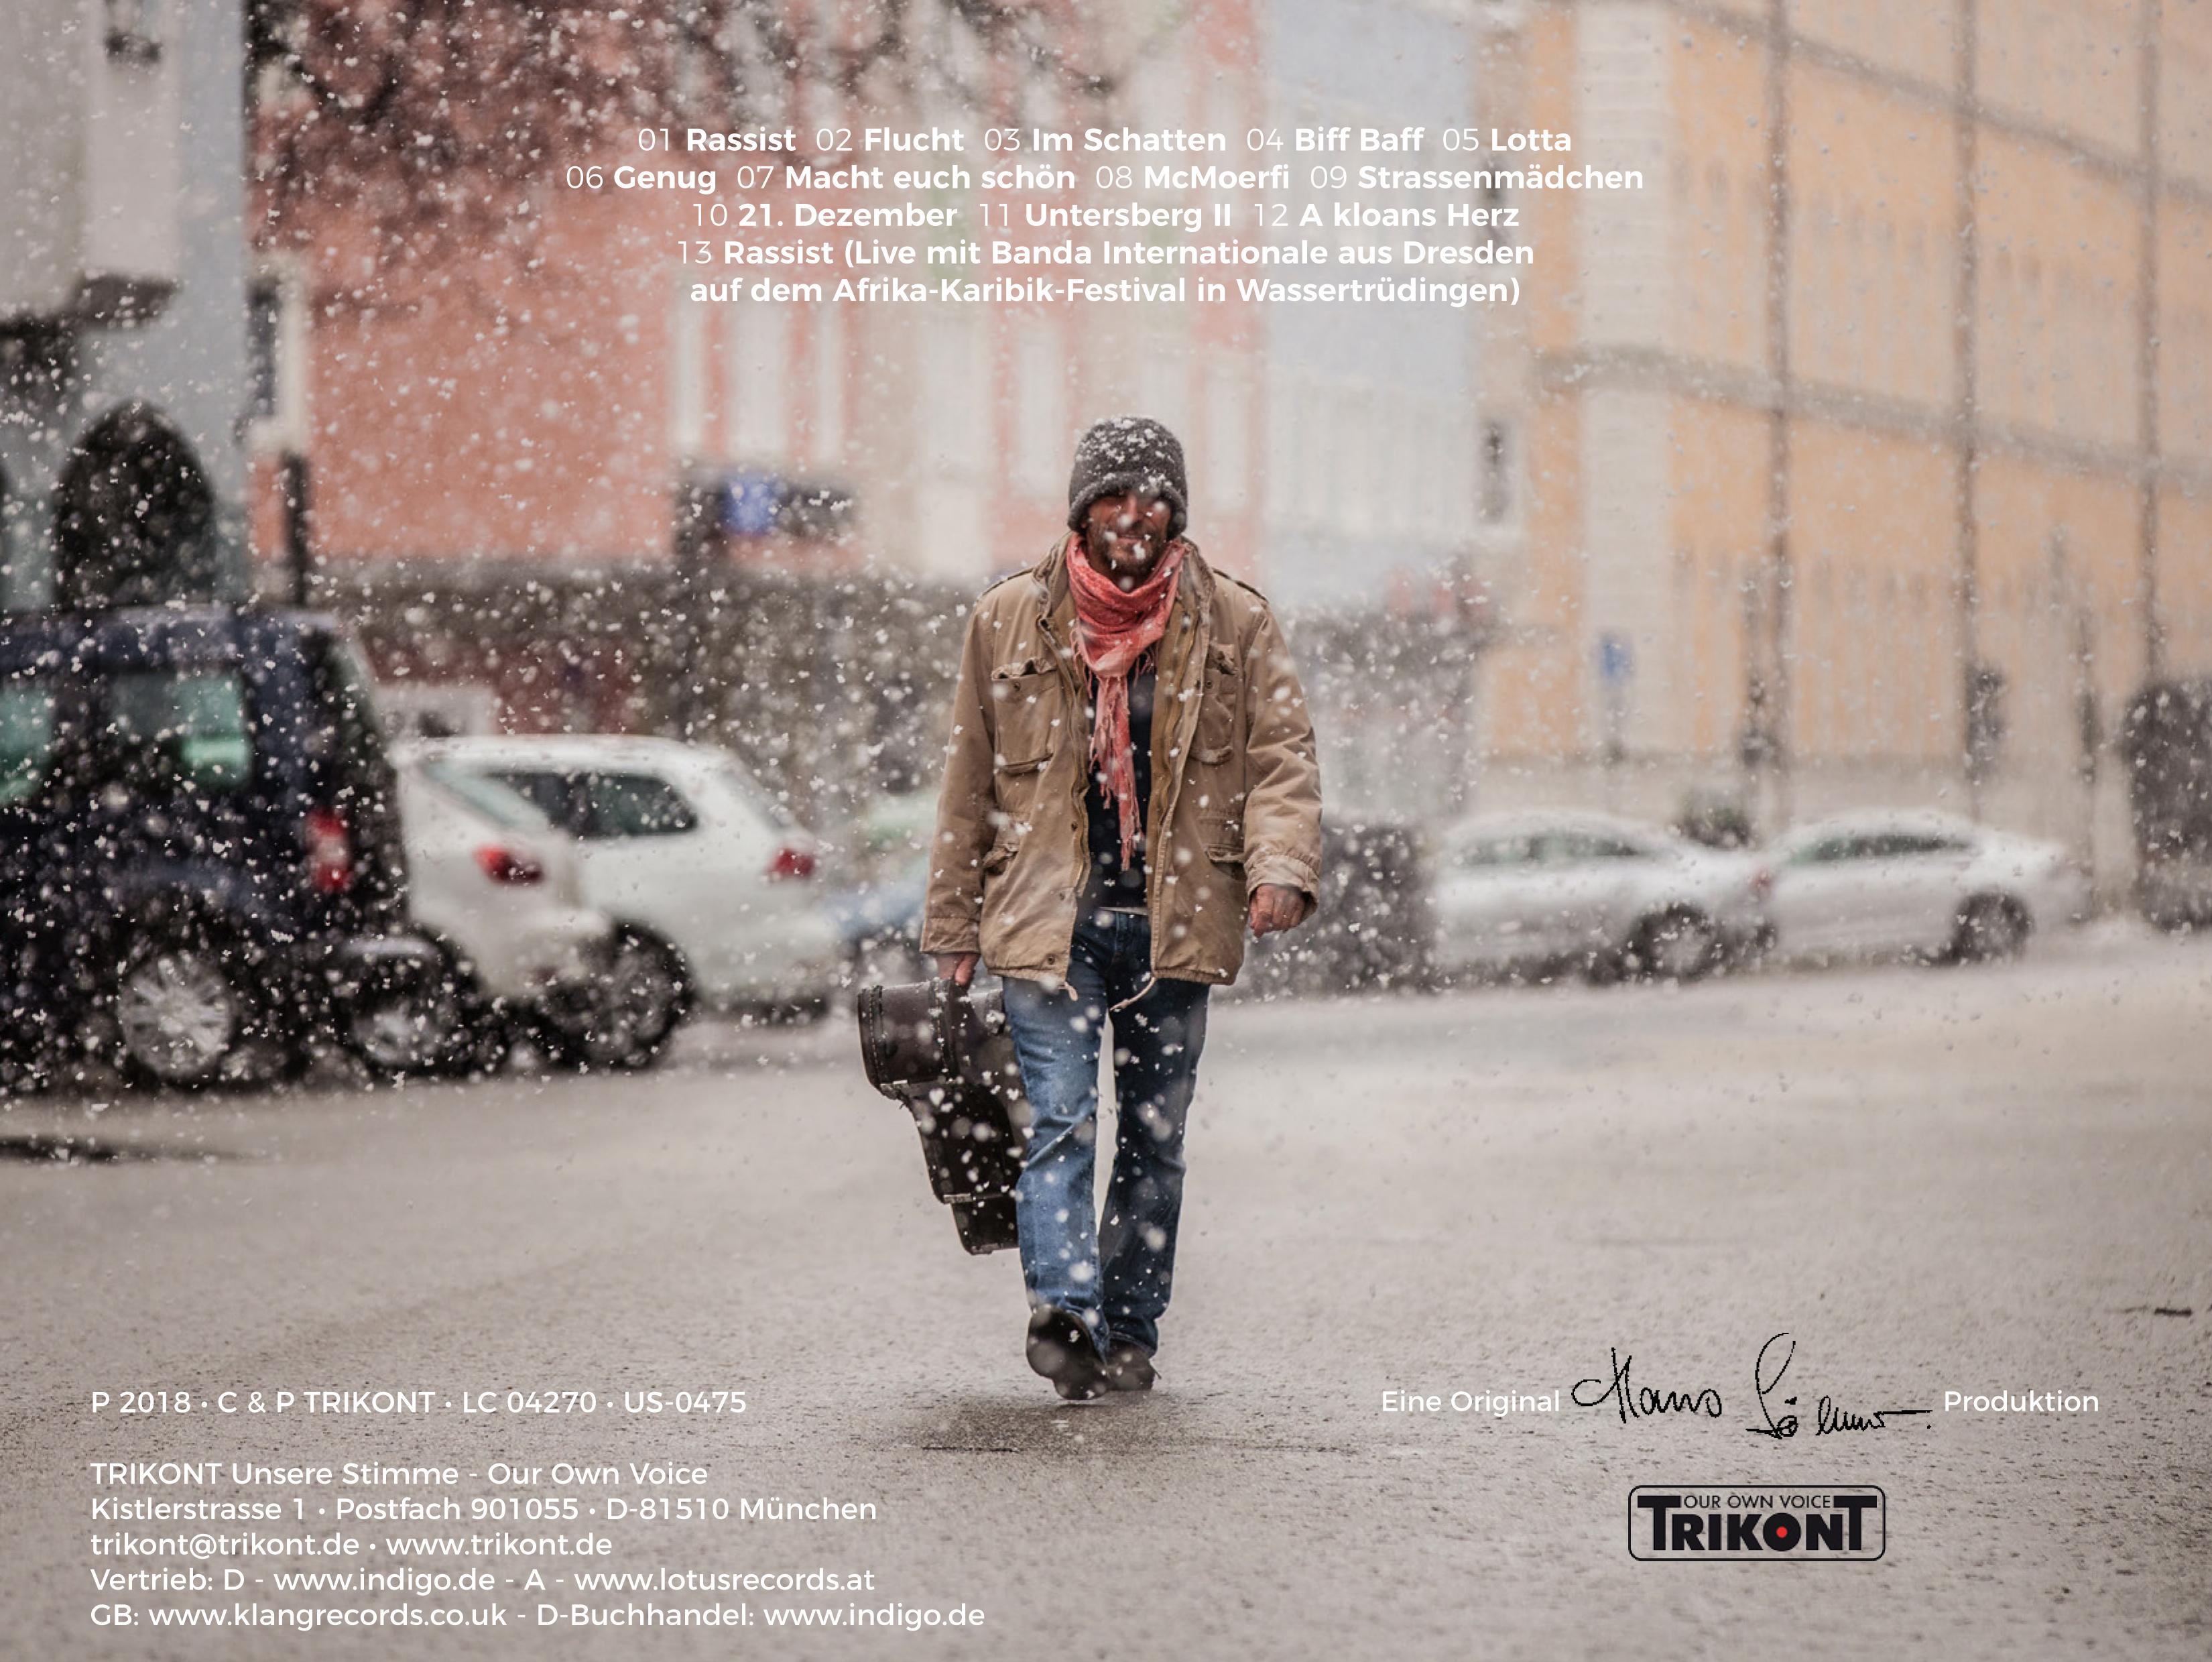 Hans Söllner - Genug - LP, CD, MP3 1